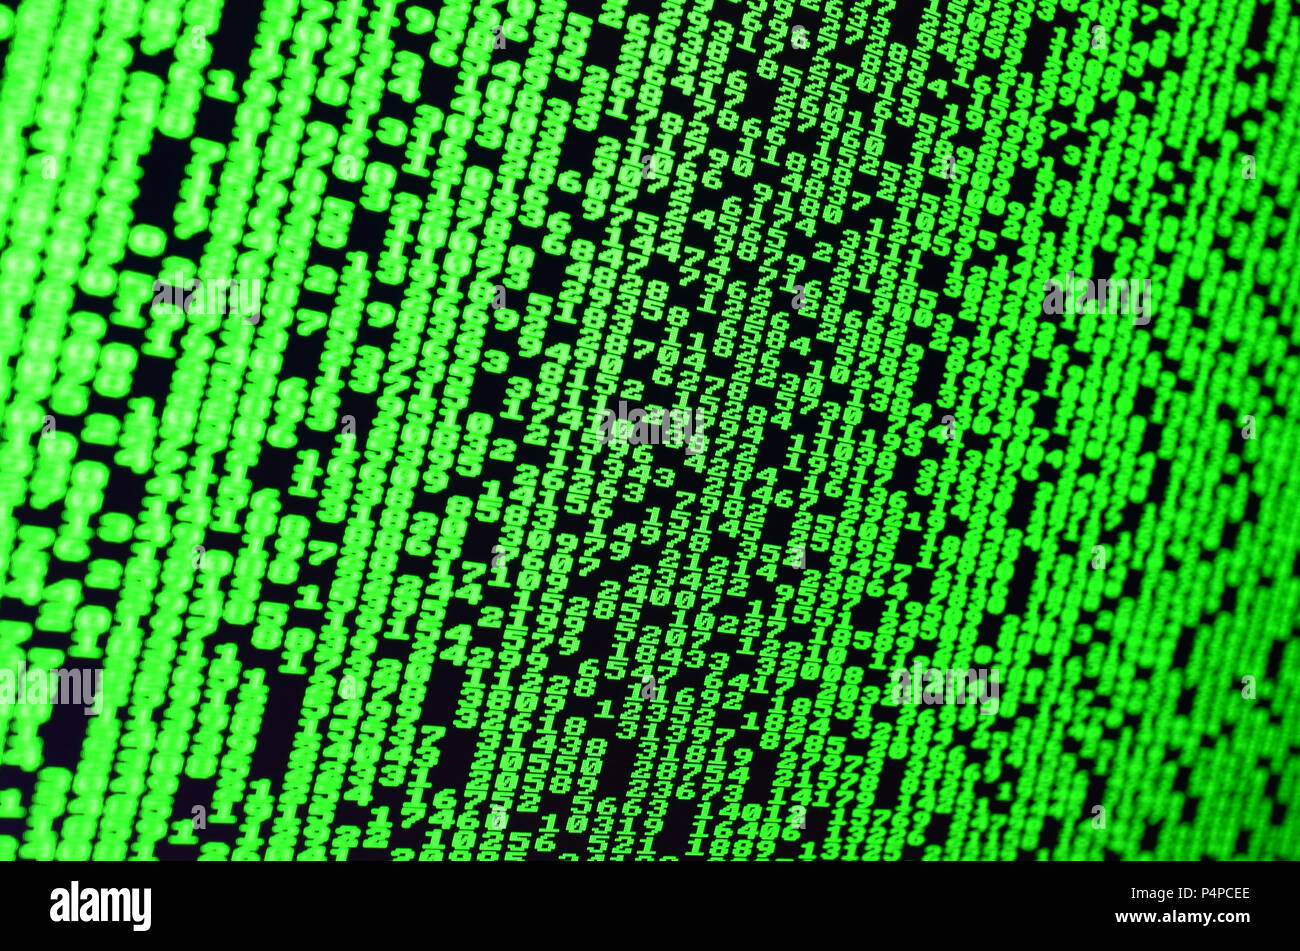 Macro de selección de contraseñas en el monitor de la computadora de la oficina. El concepto de la piratería de la protección de los datos personales de un portero. La secuencia de prov. Imagen De Stock